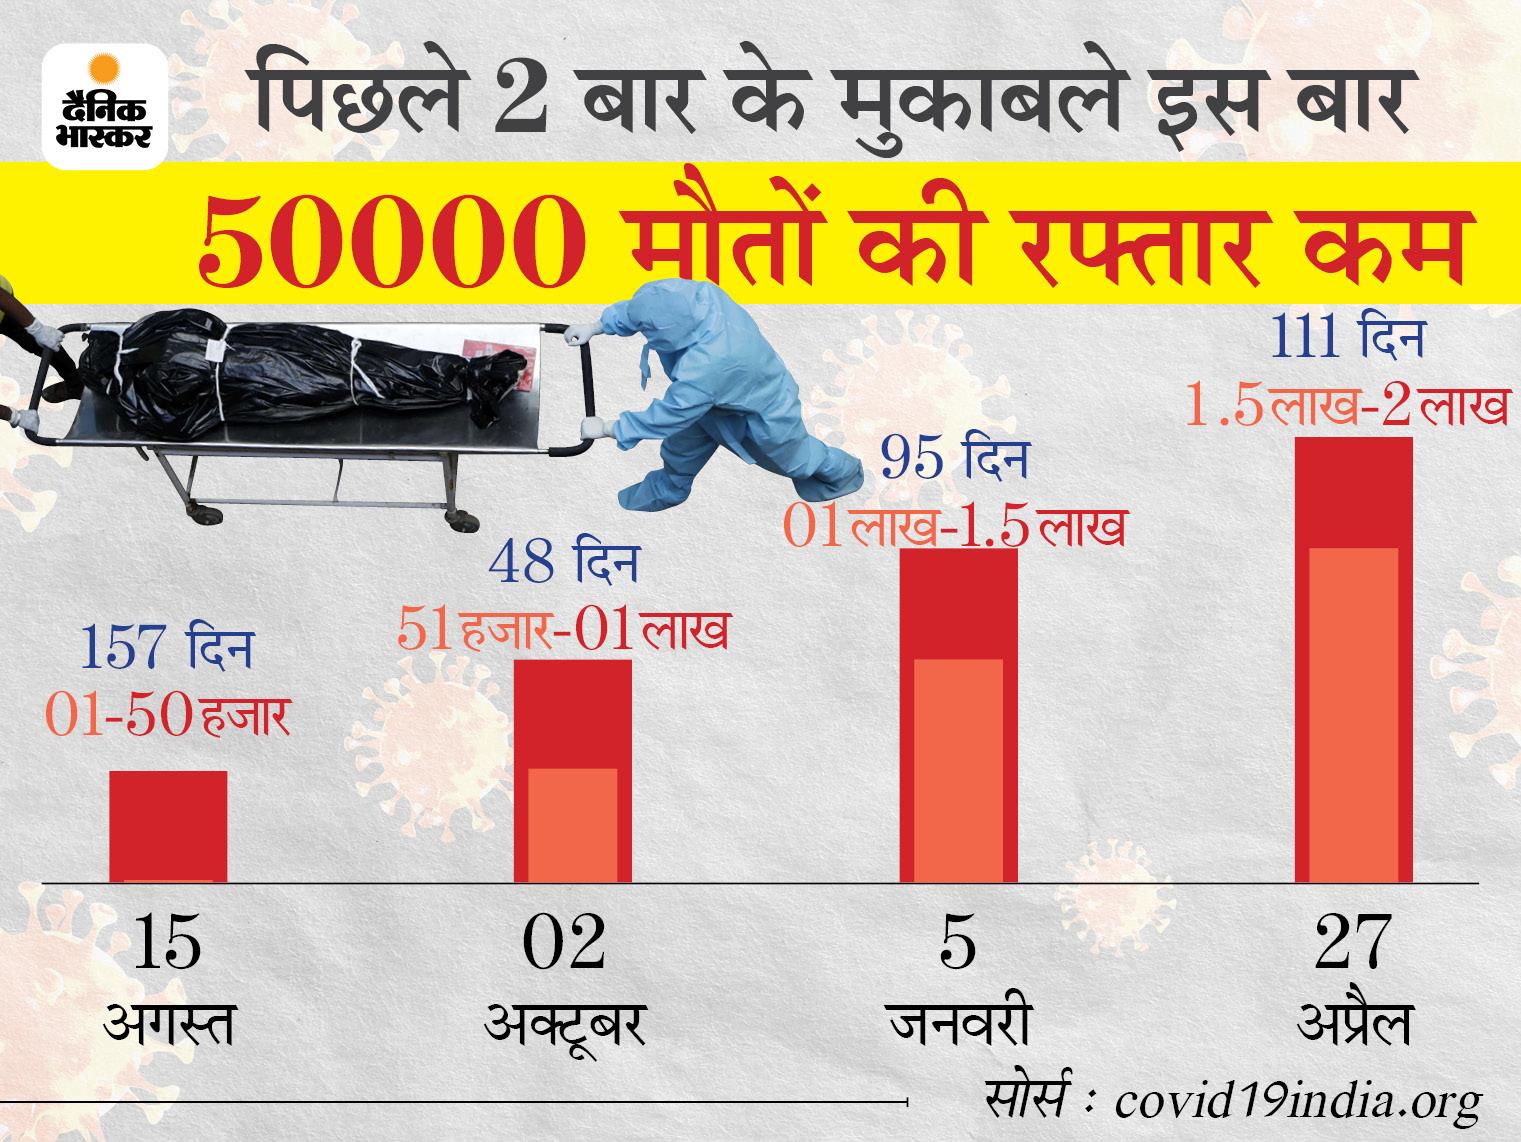 संक्रमण के तीन रिकॉर्ड; 24 घंटे में 3.80 लाख नए मरीज मिले, 3646 की मौत, 2.70 लाख लाेग ठीक हुए|देश,National - Dainik Bhaskar